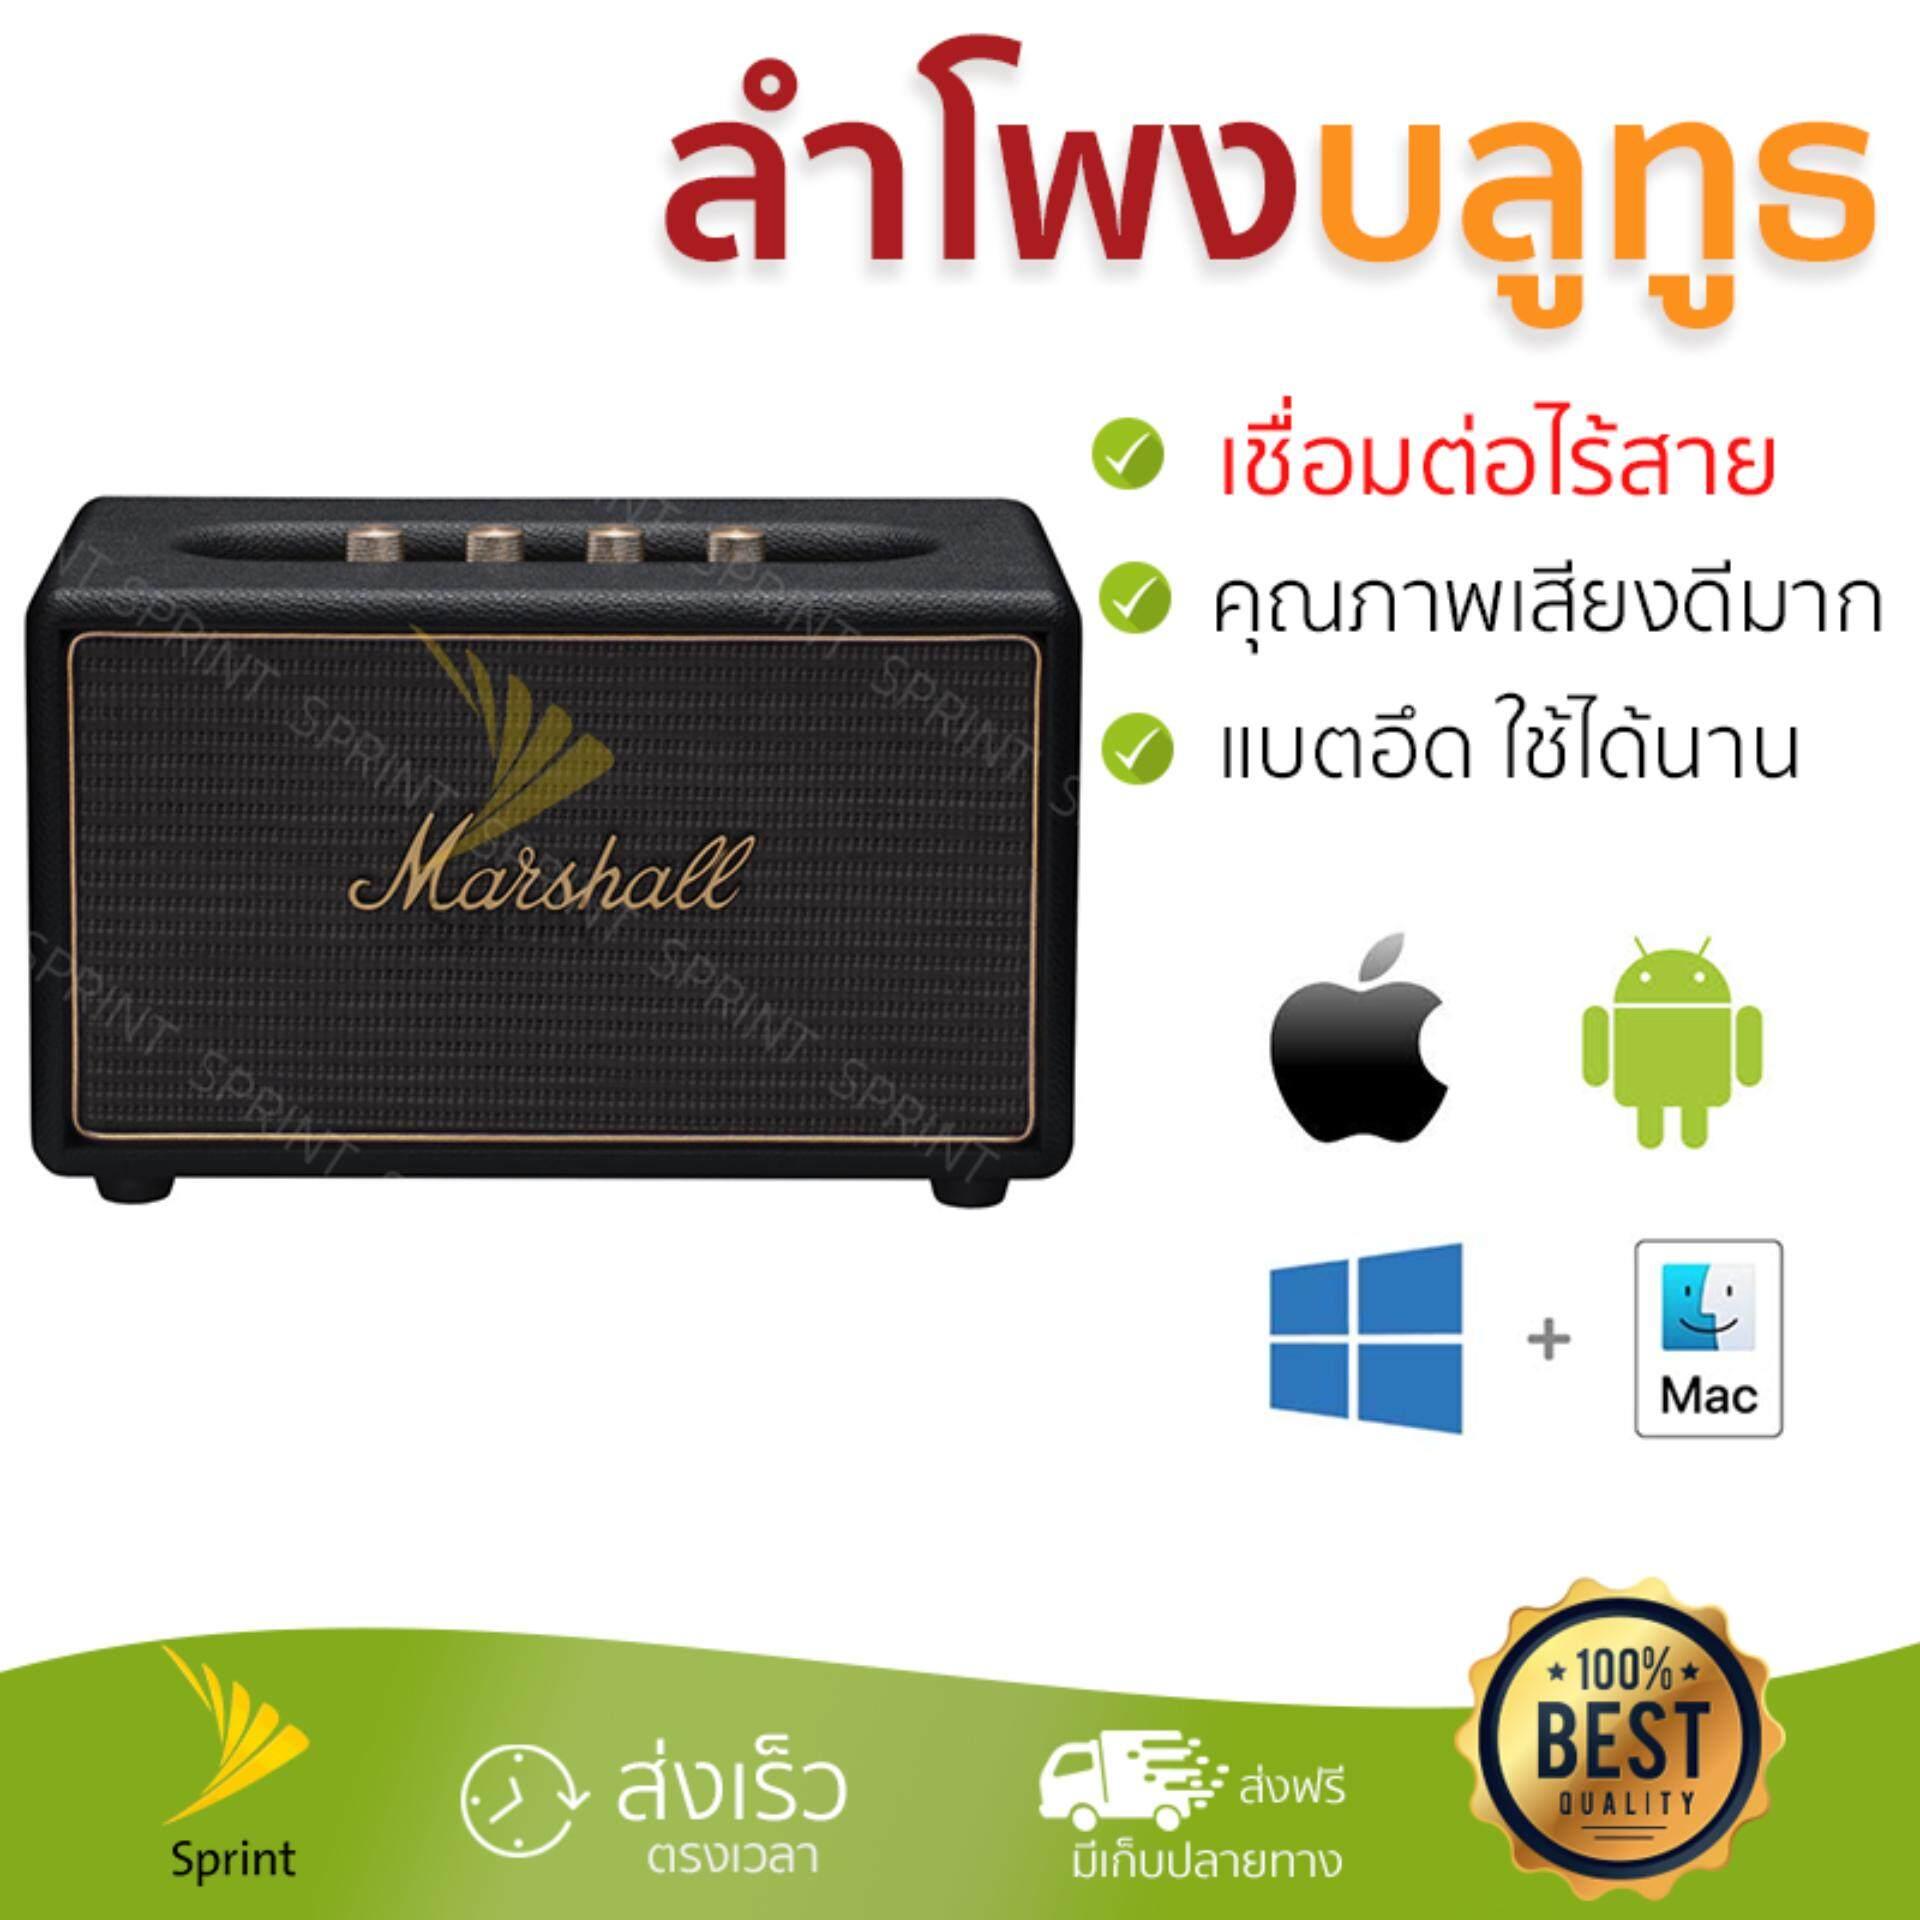 สอนใช้งาน  จัดส่งฟรี ลำโพงบลูทูธ  Marshall Bluetooth Speaker 2.1 Acton Multi-Room Black เสียงใส คุณภาพเกินตัว Wireless Bluetooth Speaker รับประกัน 1 ปี